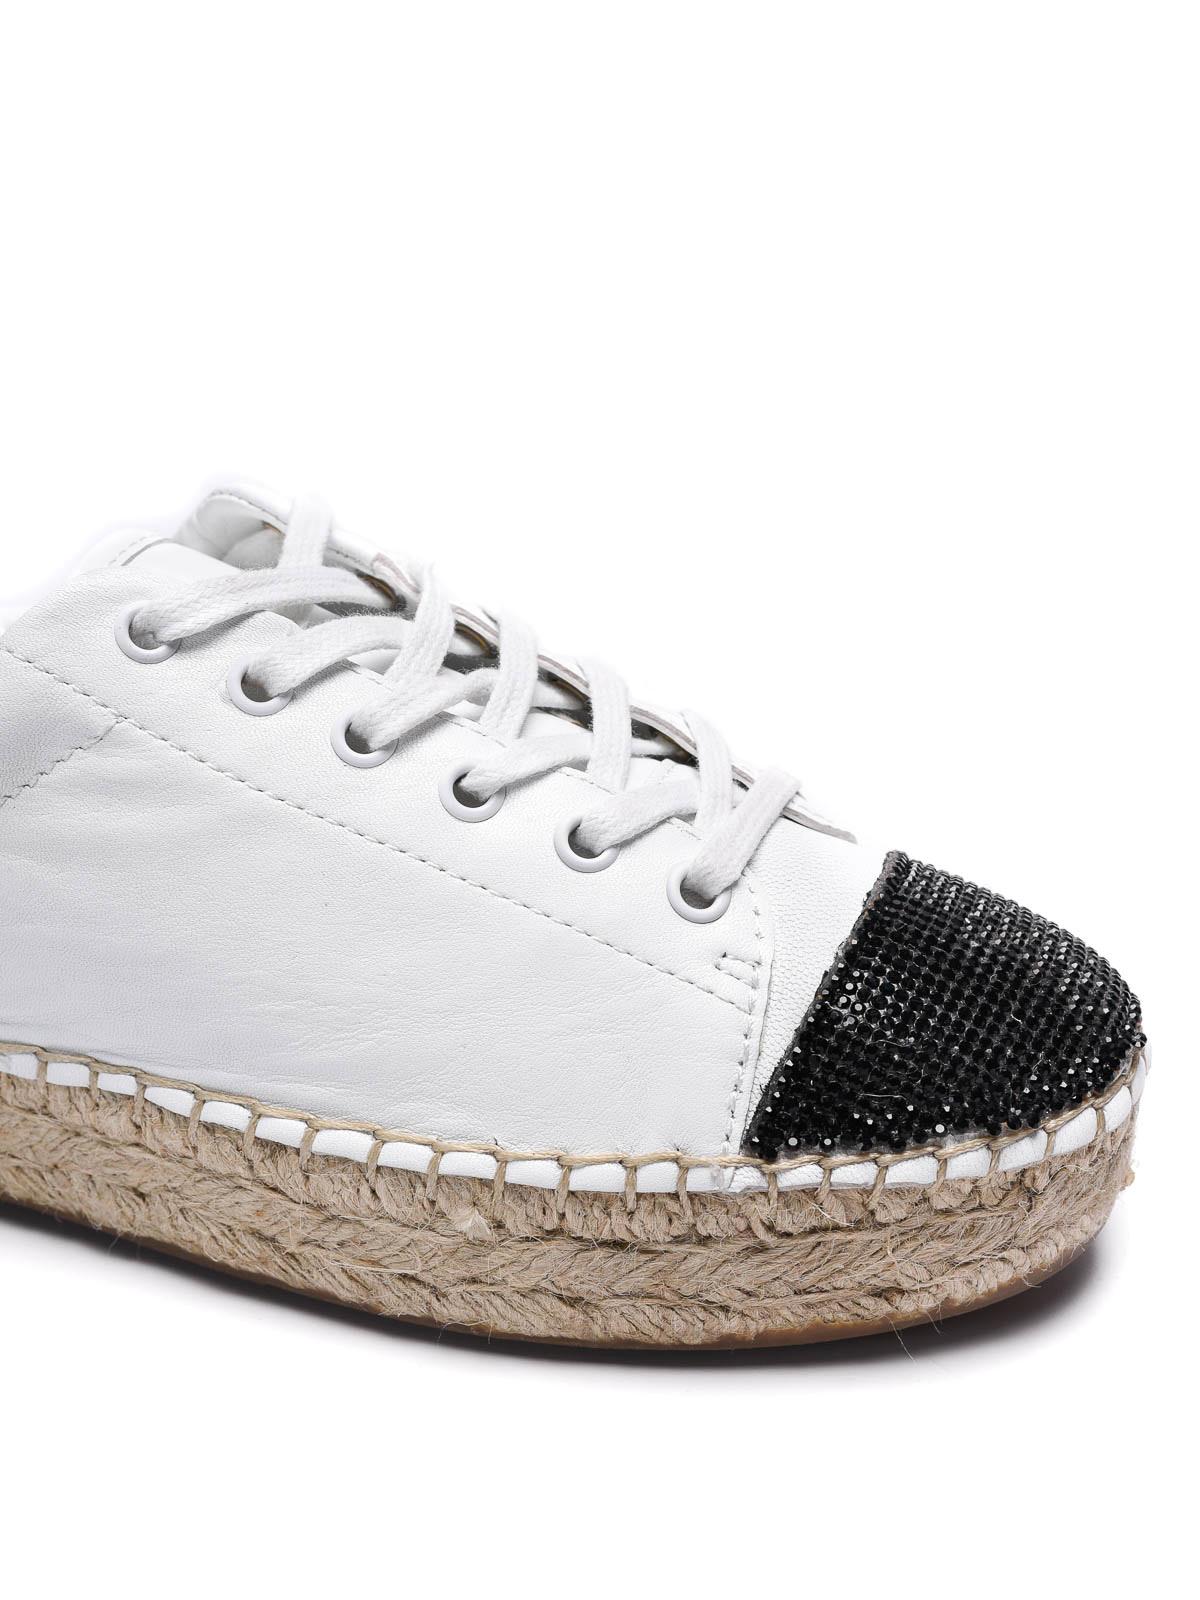 Kendall + Kylie - Joslyn sneaker-style